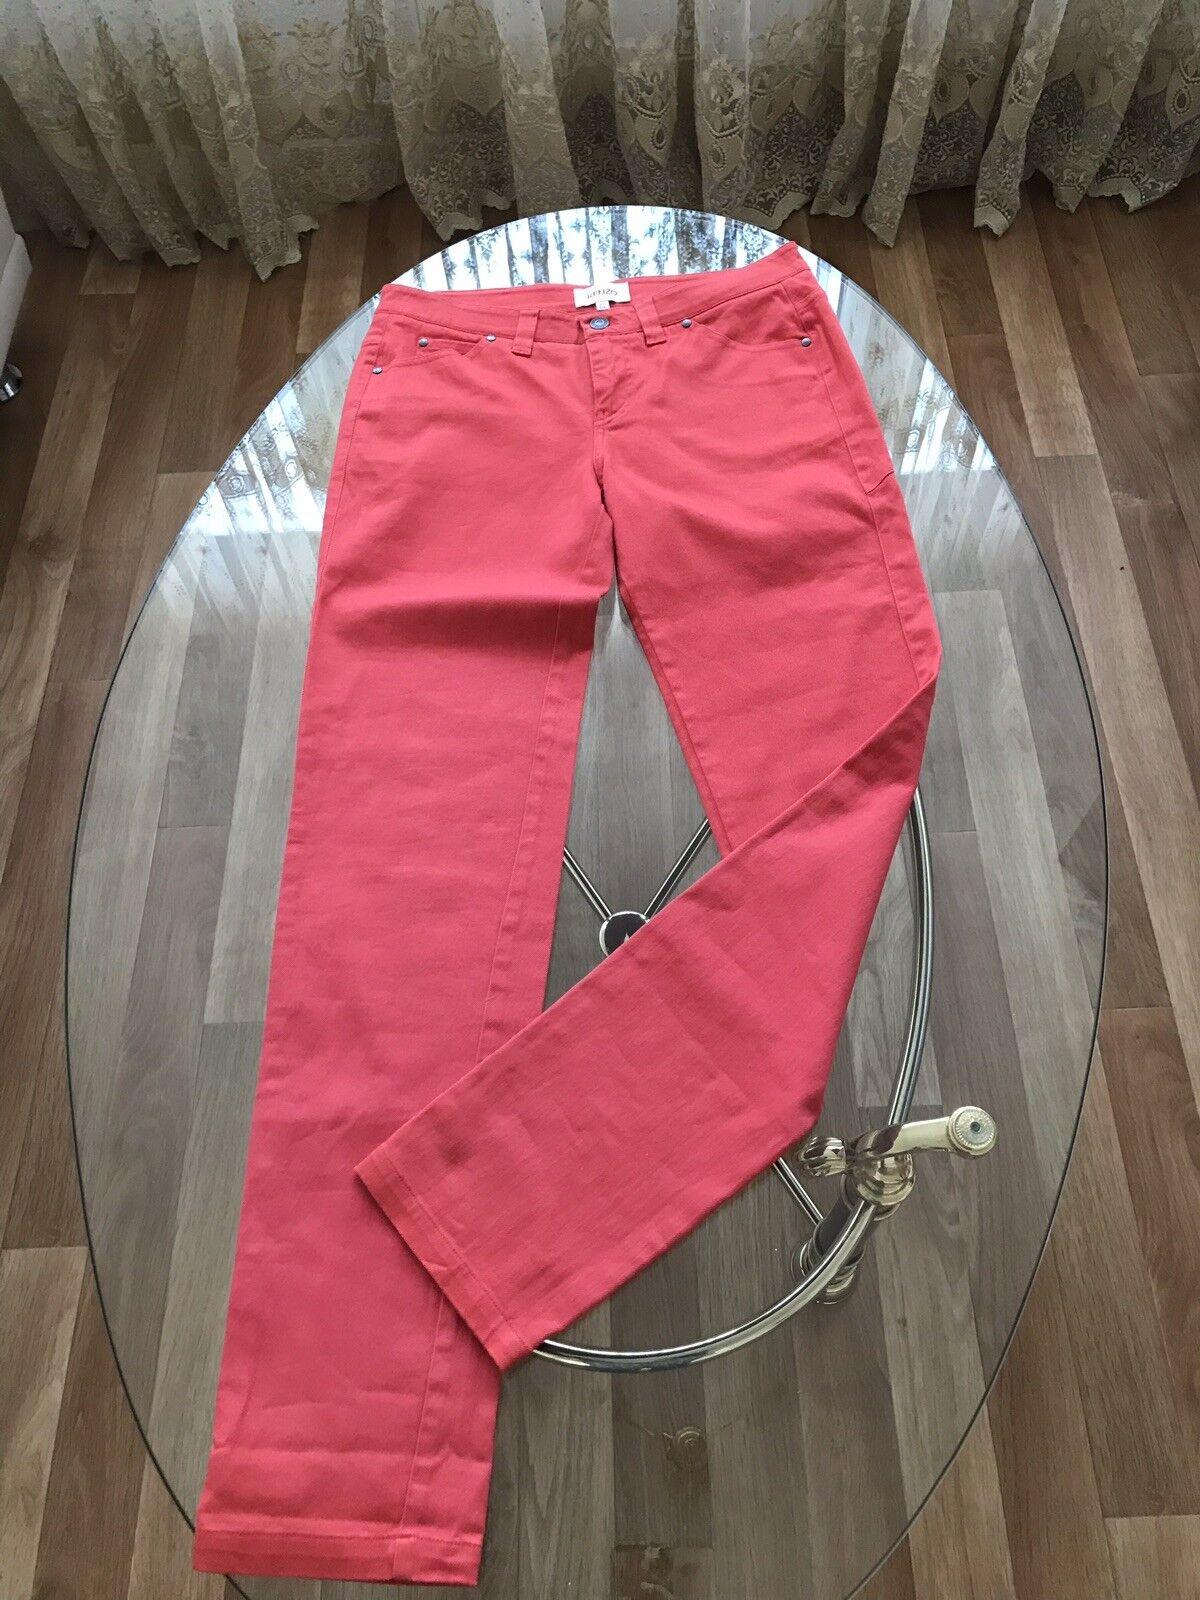 Lujo KENZO ☄️ damas Jeans Denim  coral gr. 27 S M 38 nuevo  bienvenido a orden